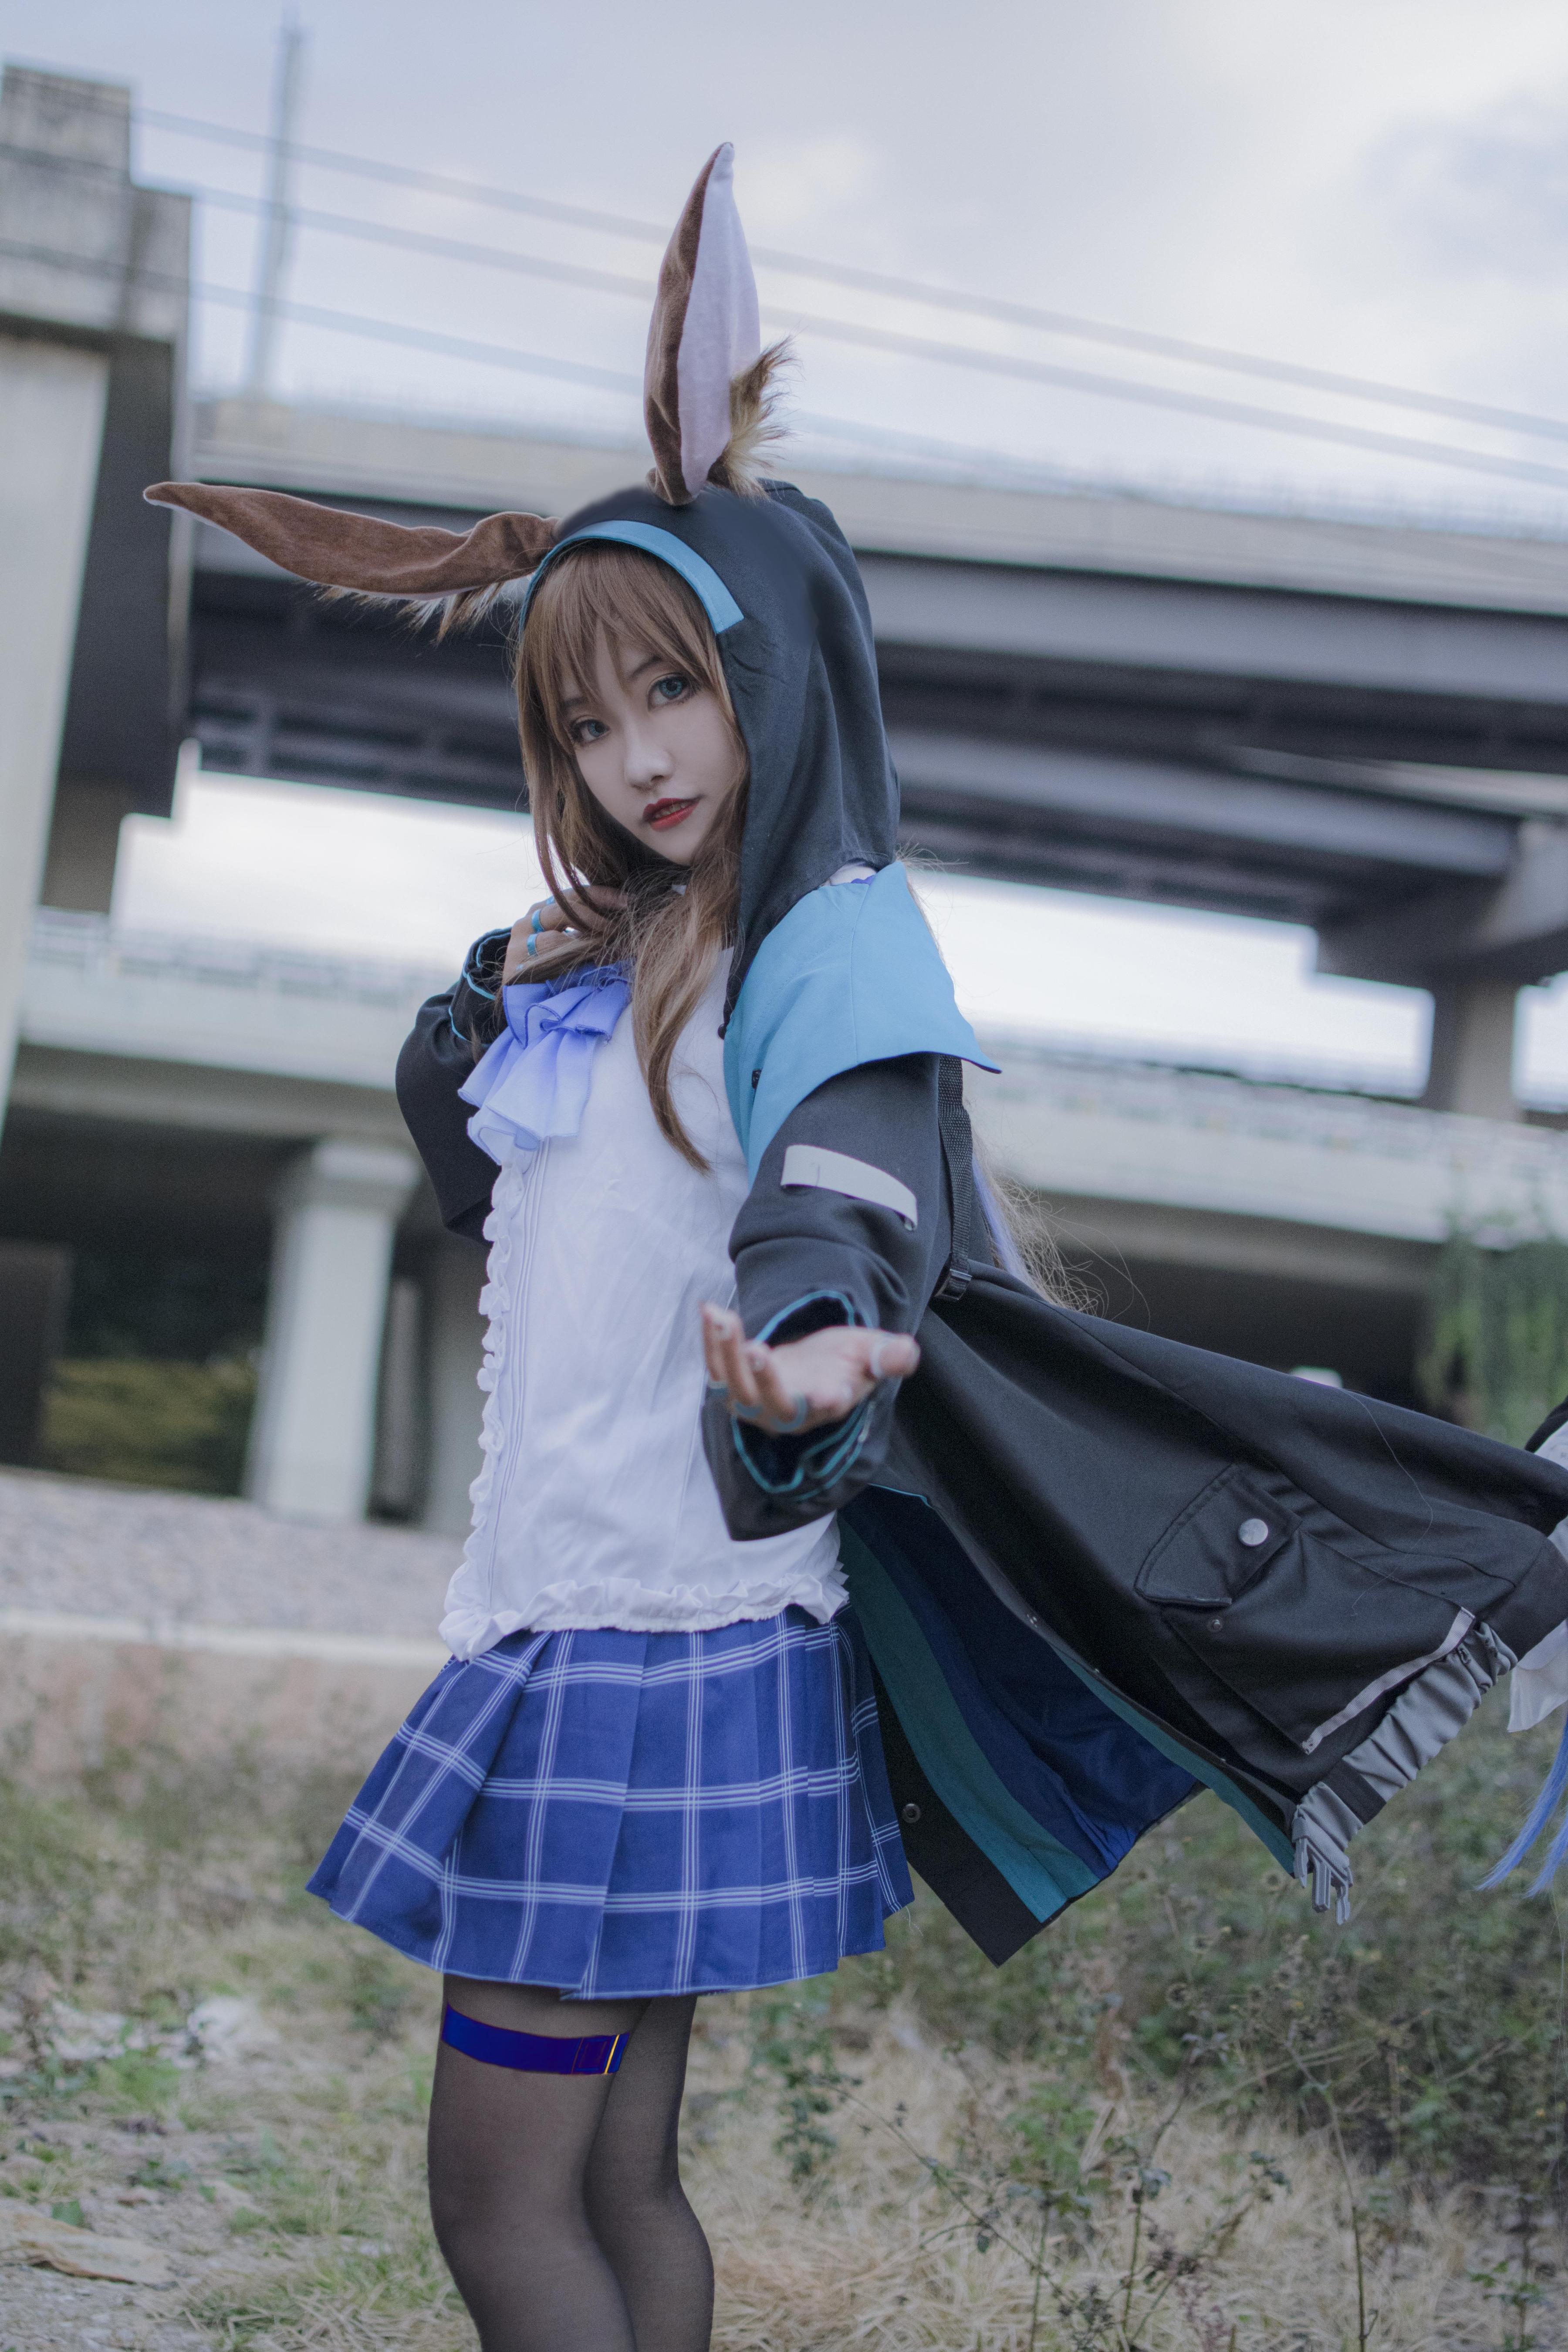 《明日方舟》明日方舟阿米娅cosplay【CN:_顾衍】-第2张